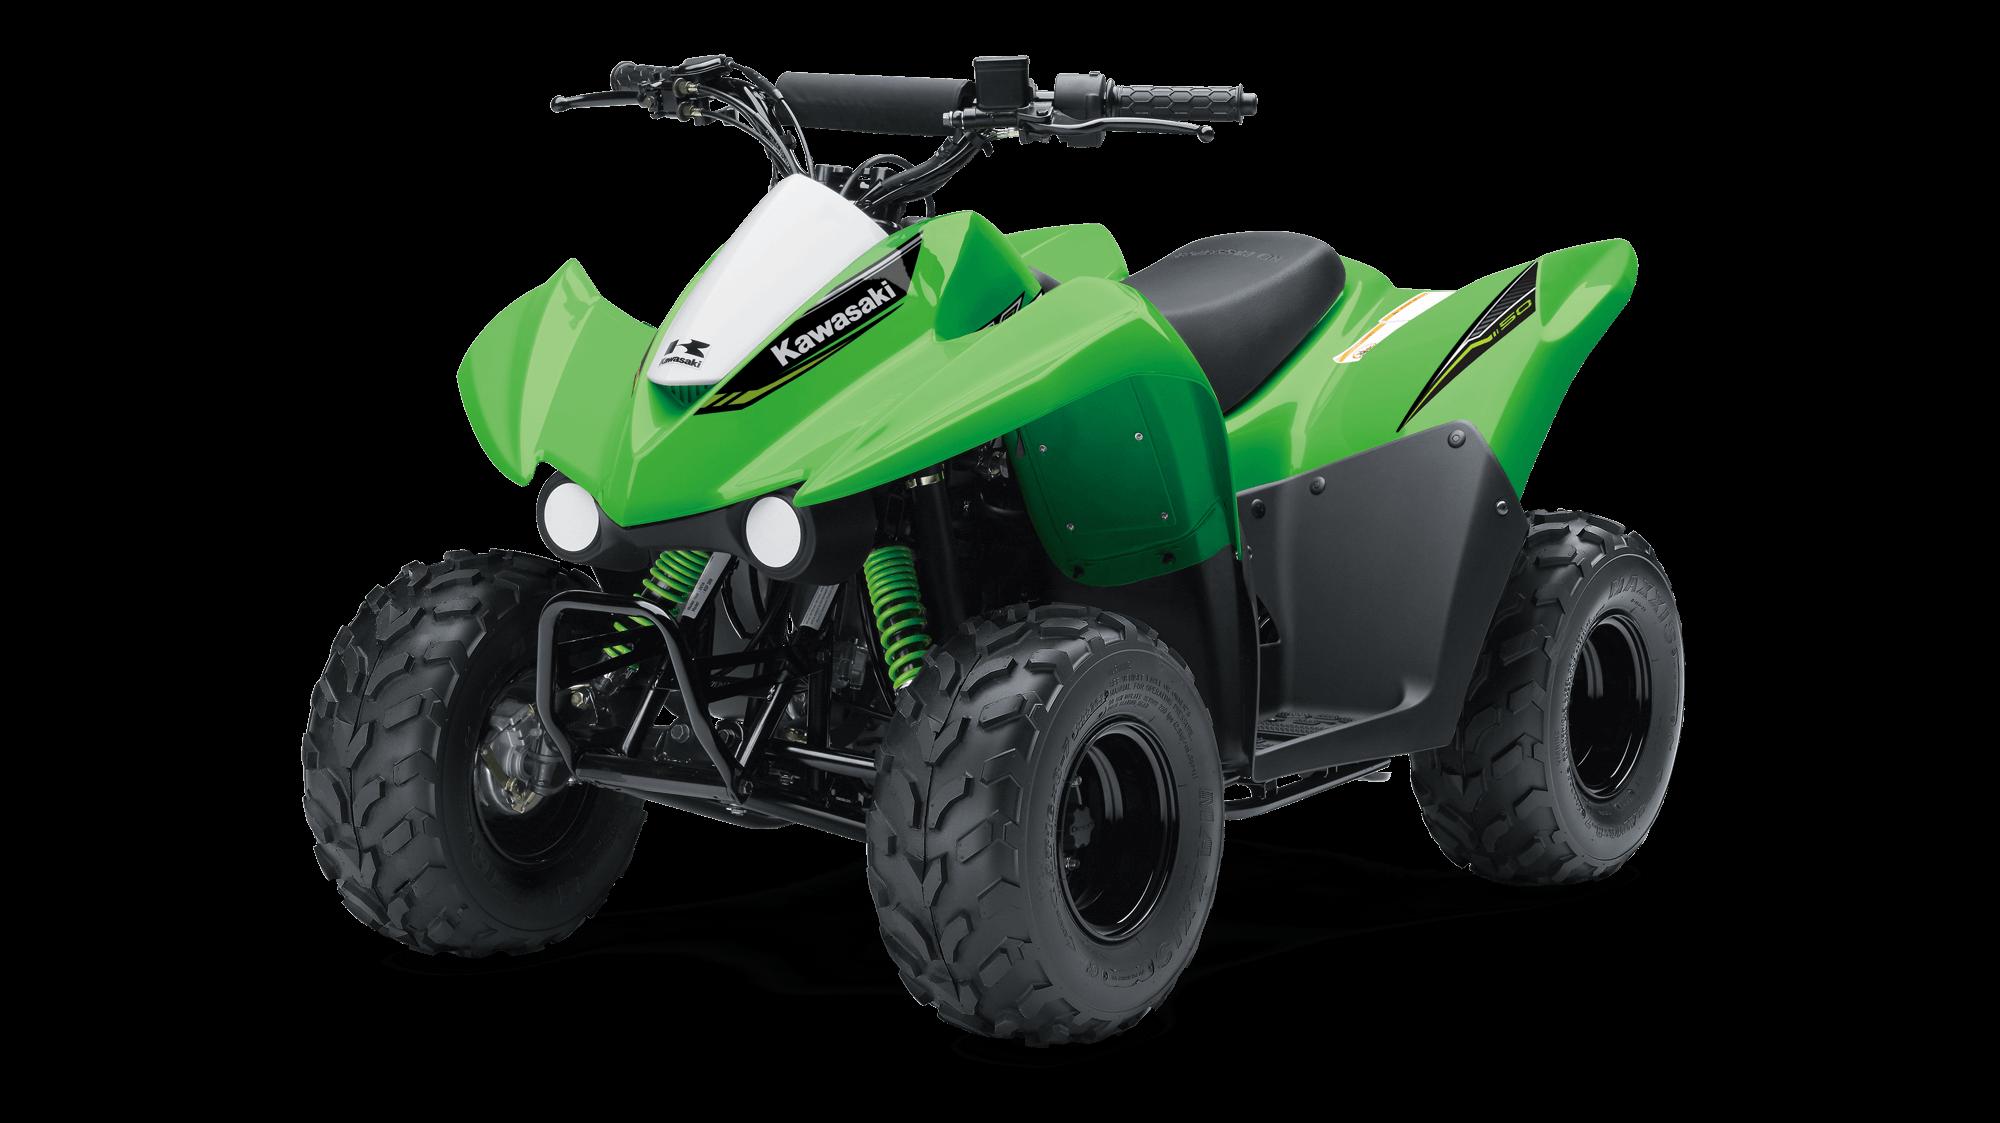 2019 KFX®50 Youth ATV by Kawasaki